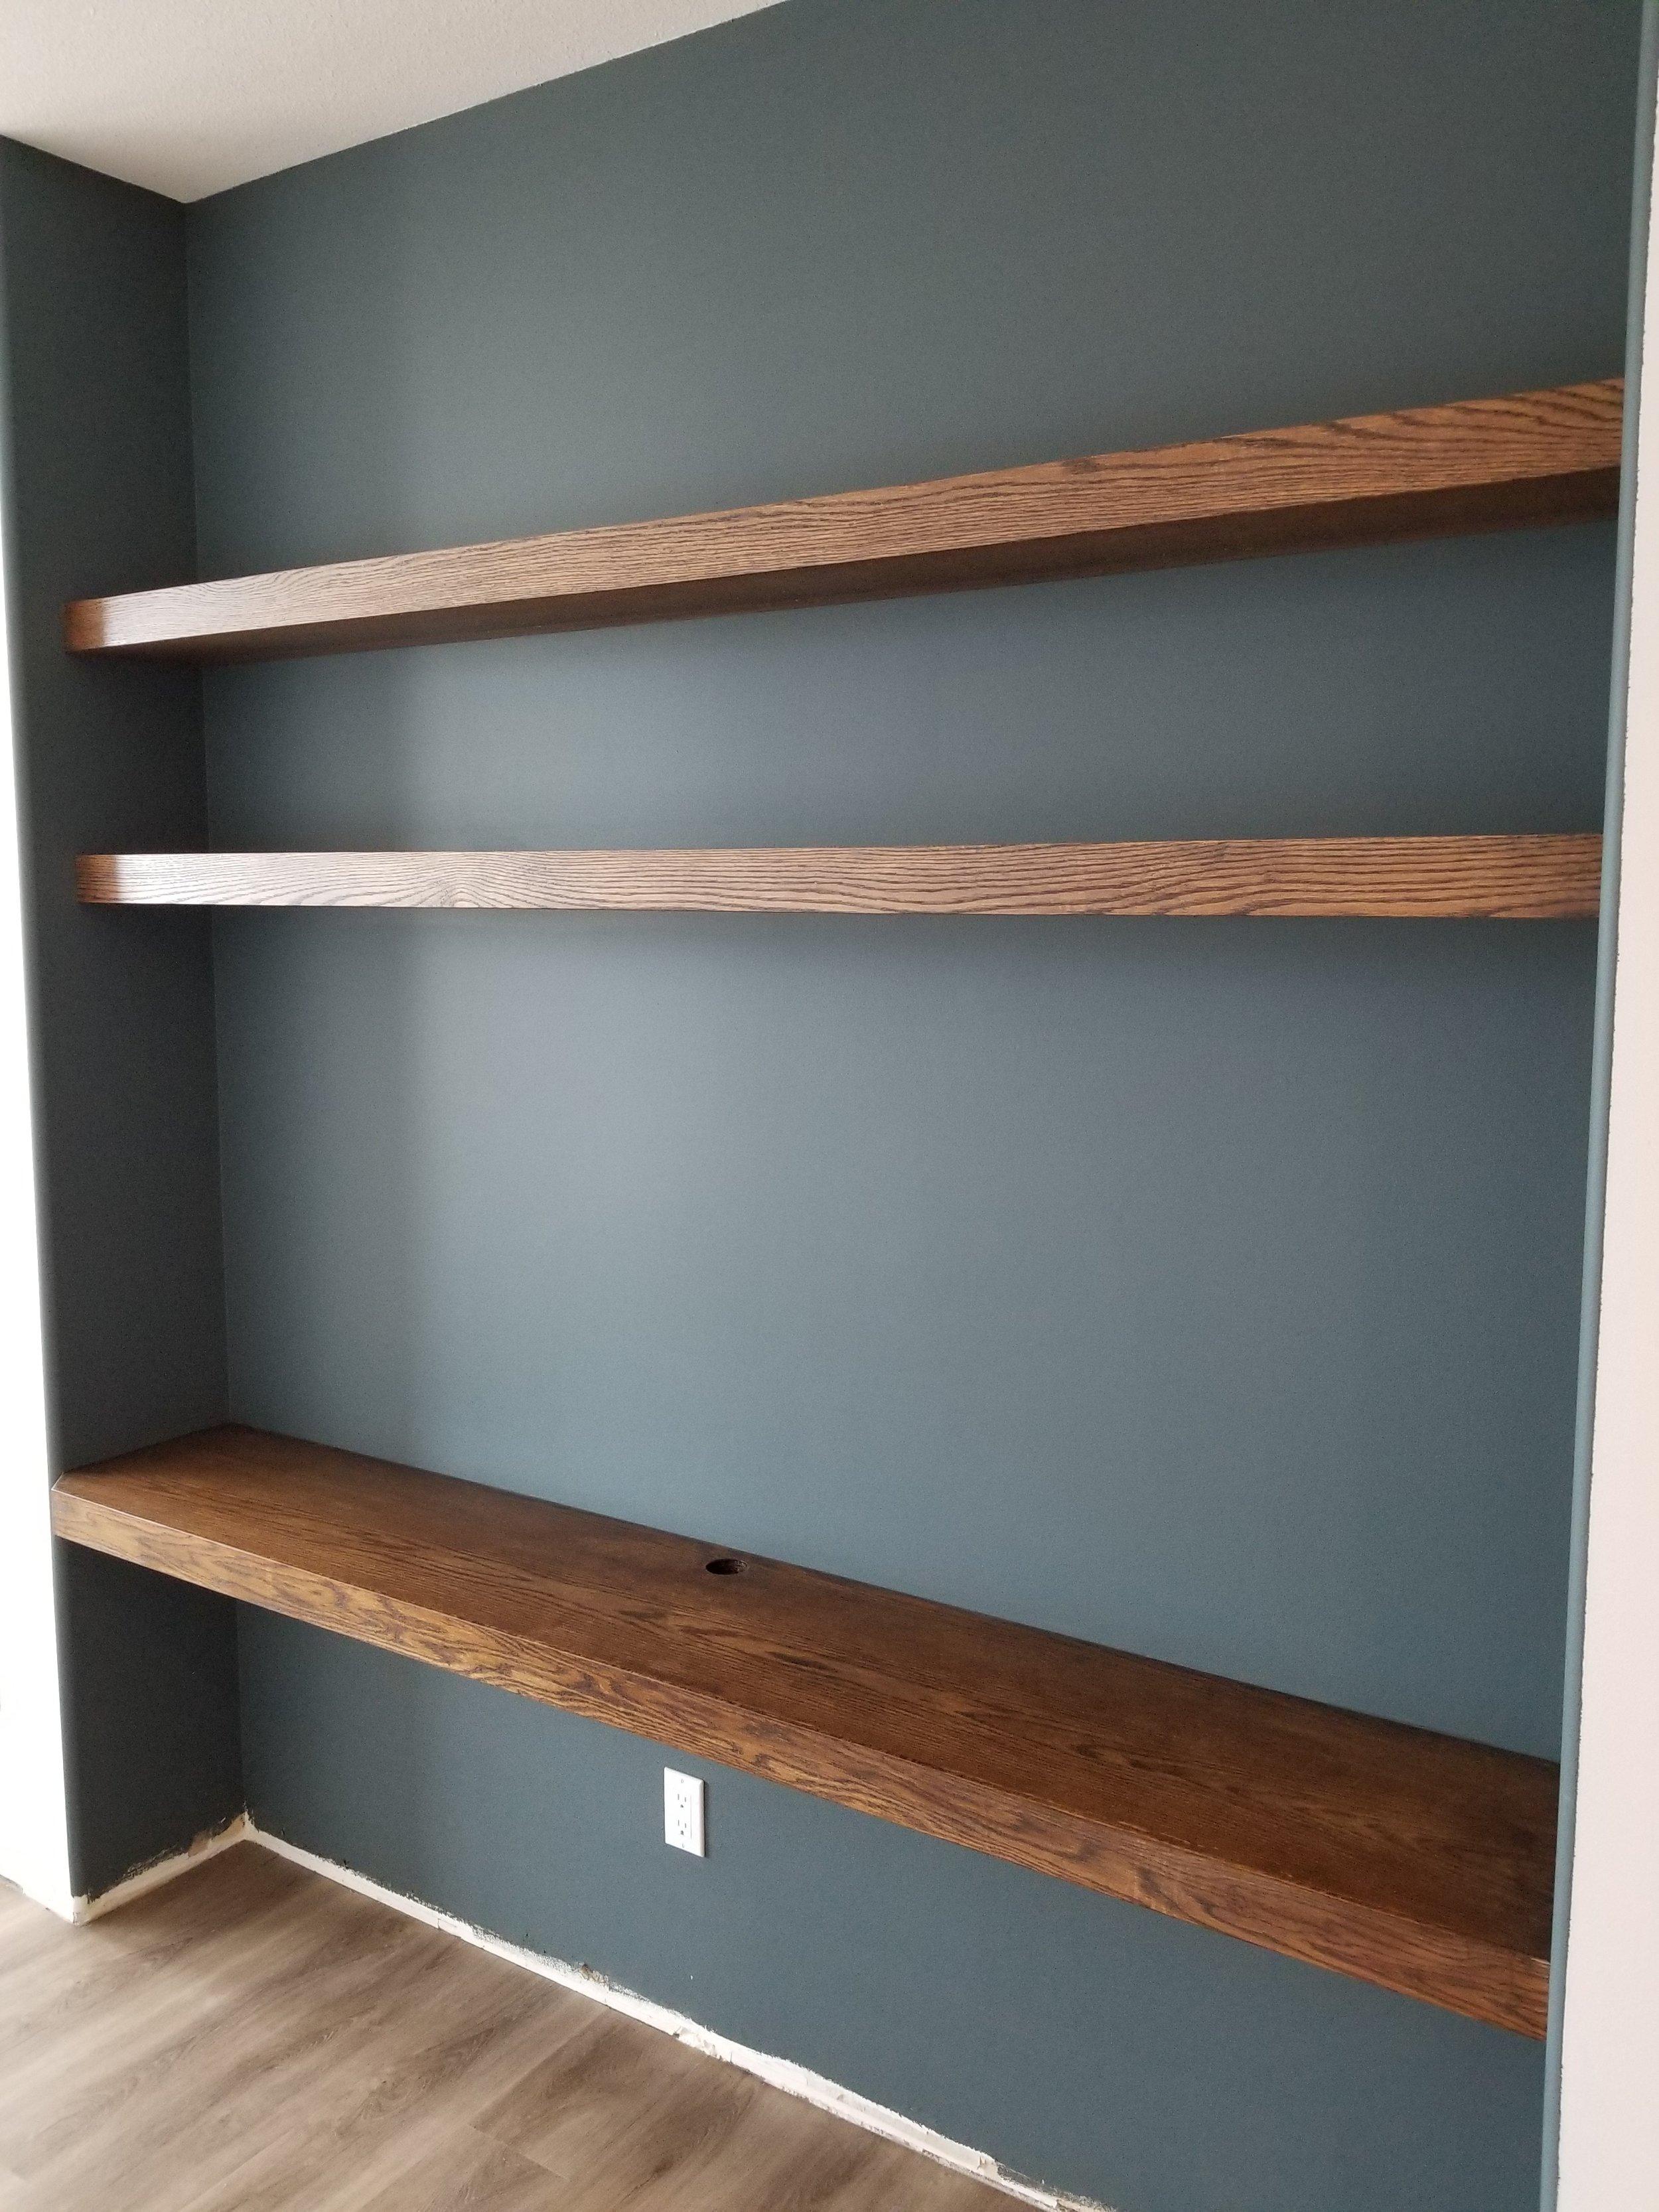 Condo Renovation - Desk and Shelves